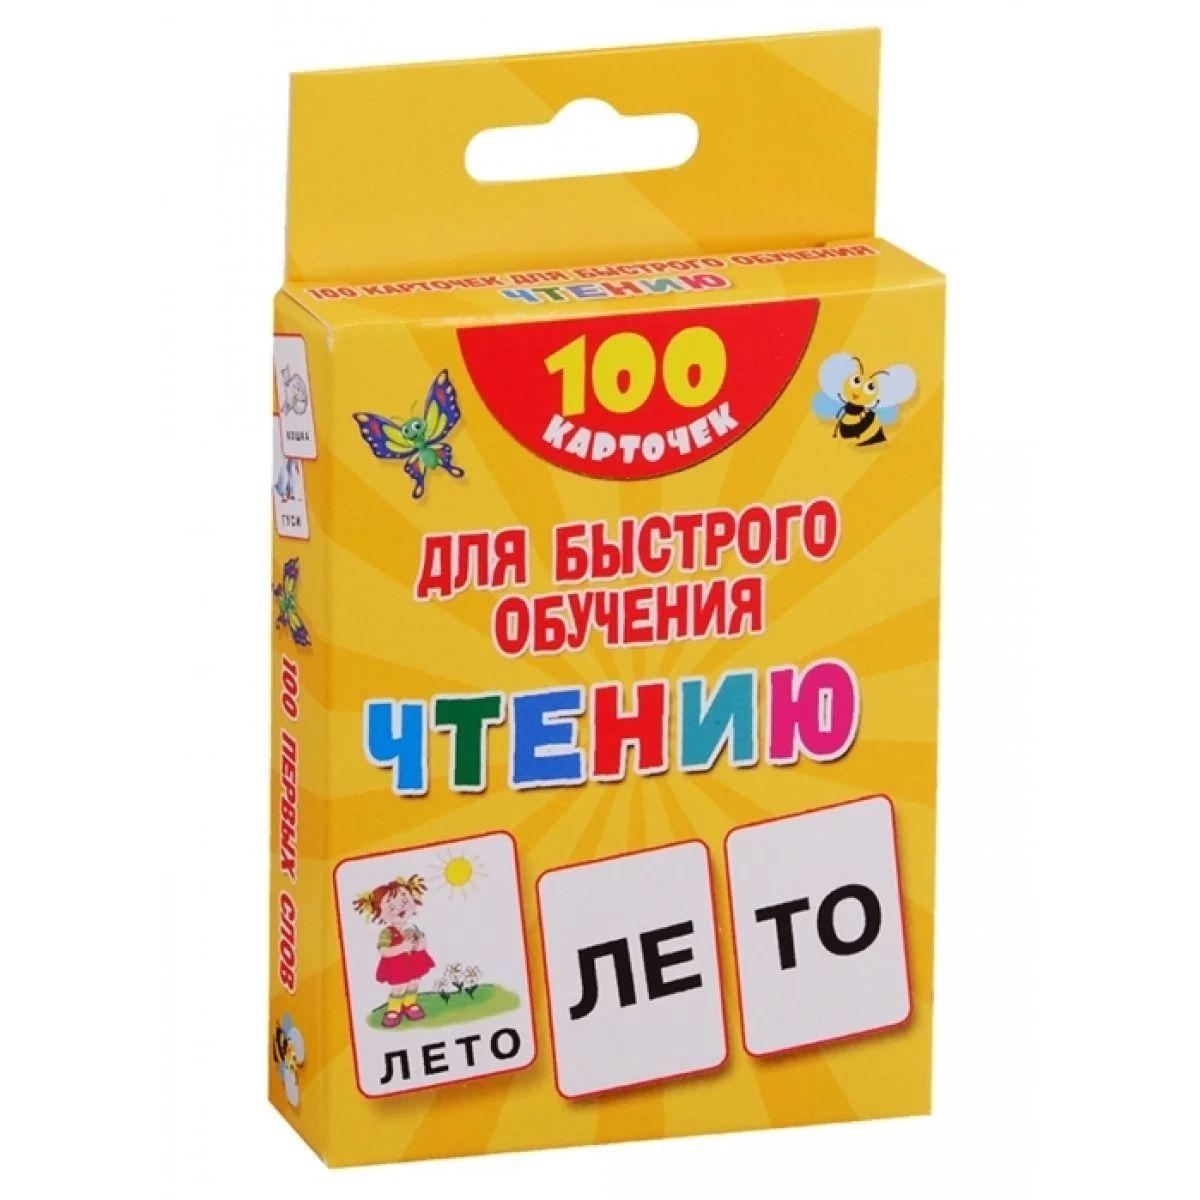 Купить 100 карточек для быстрого обучения чтению, АСТ, Азбуки